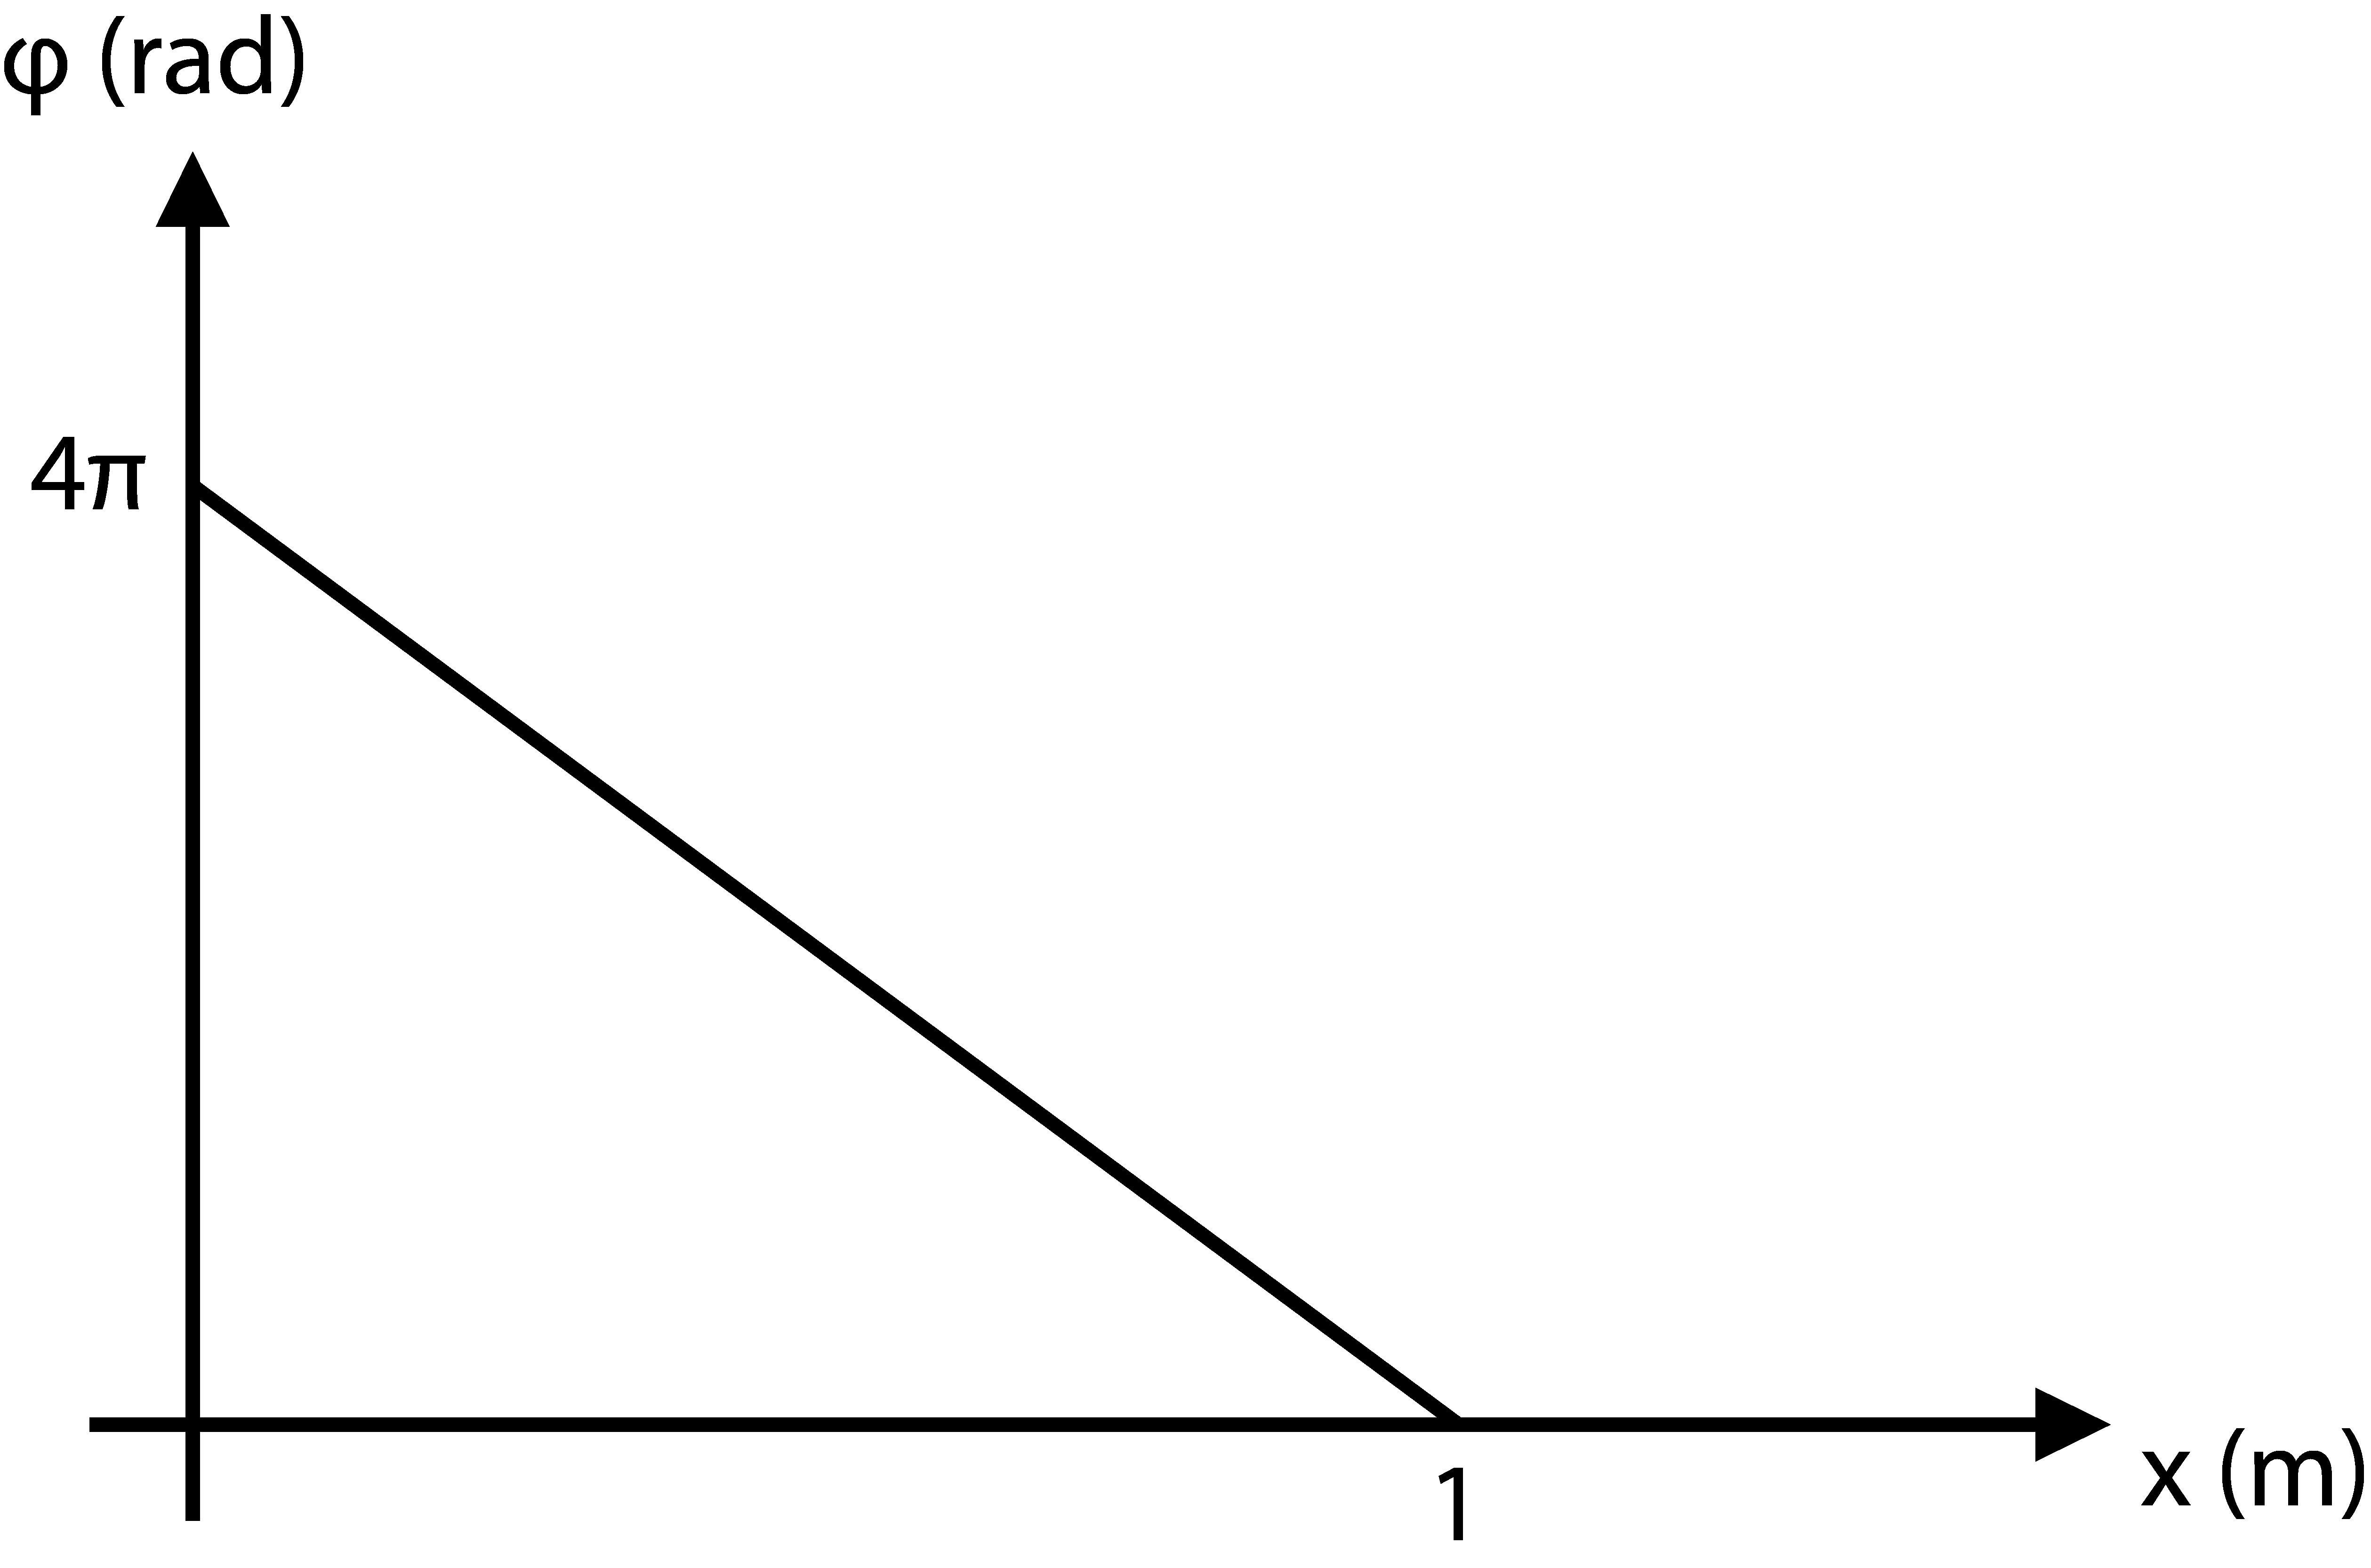 Να βρεθεί η εξίσωση φάσης εγκάρσιου αρμονικού κύματος σε συνάρτηση με την  τετμημένη x των υλικών σημείων. 91731da7d98